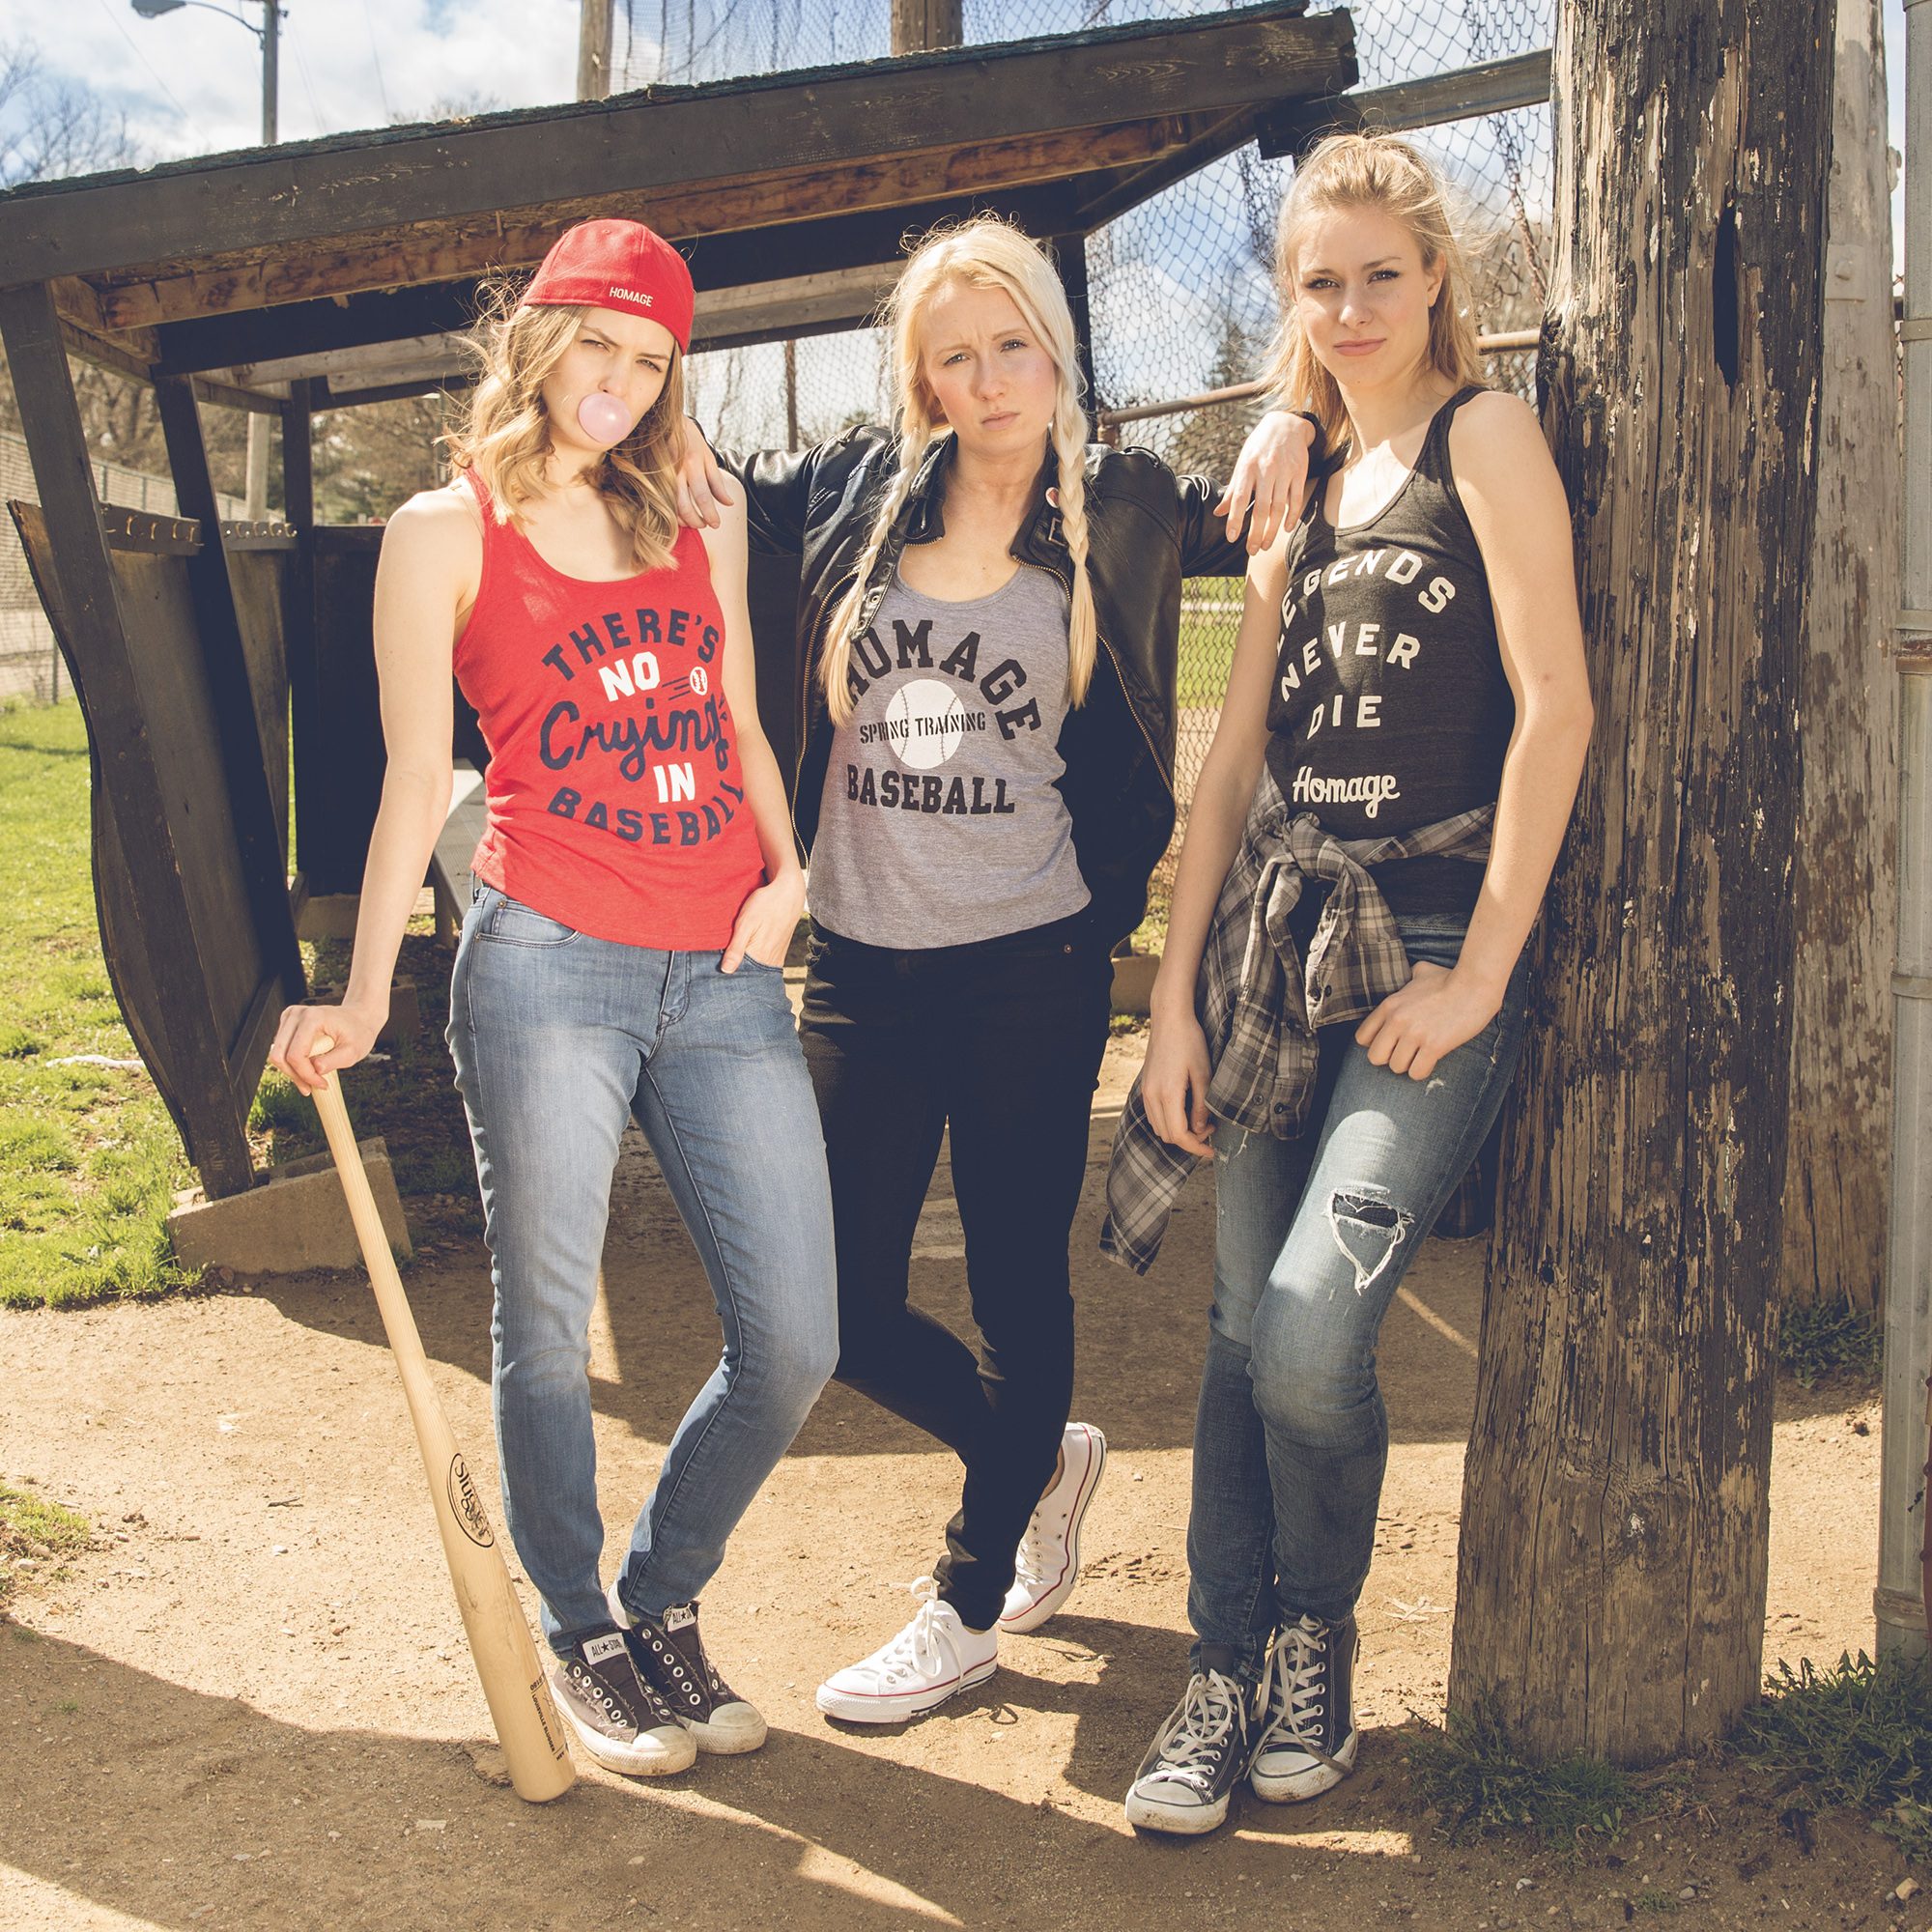 homage-baseball-girls-baseball.jpg